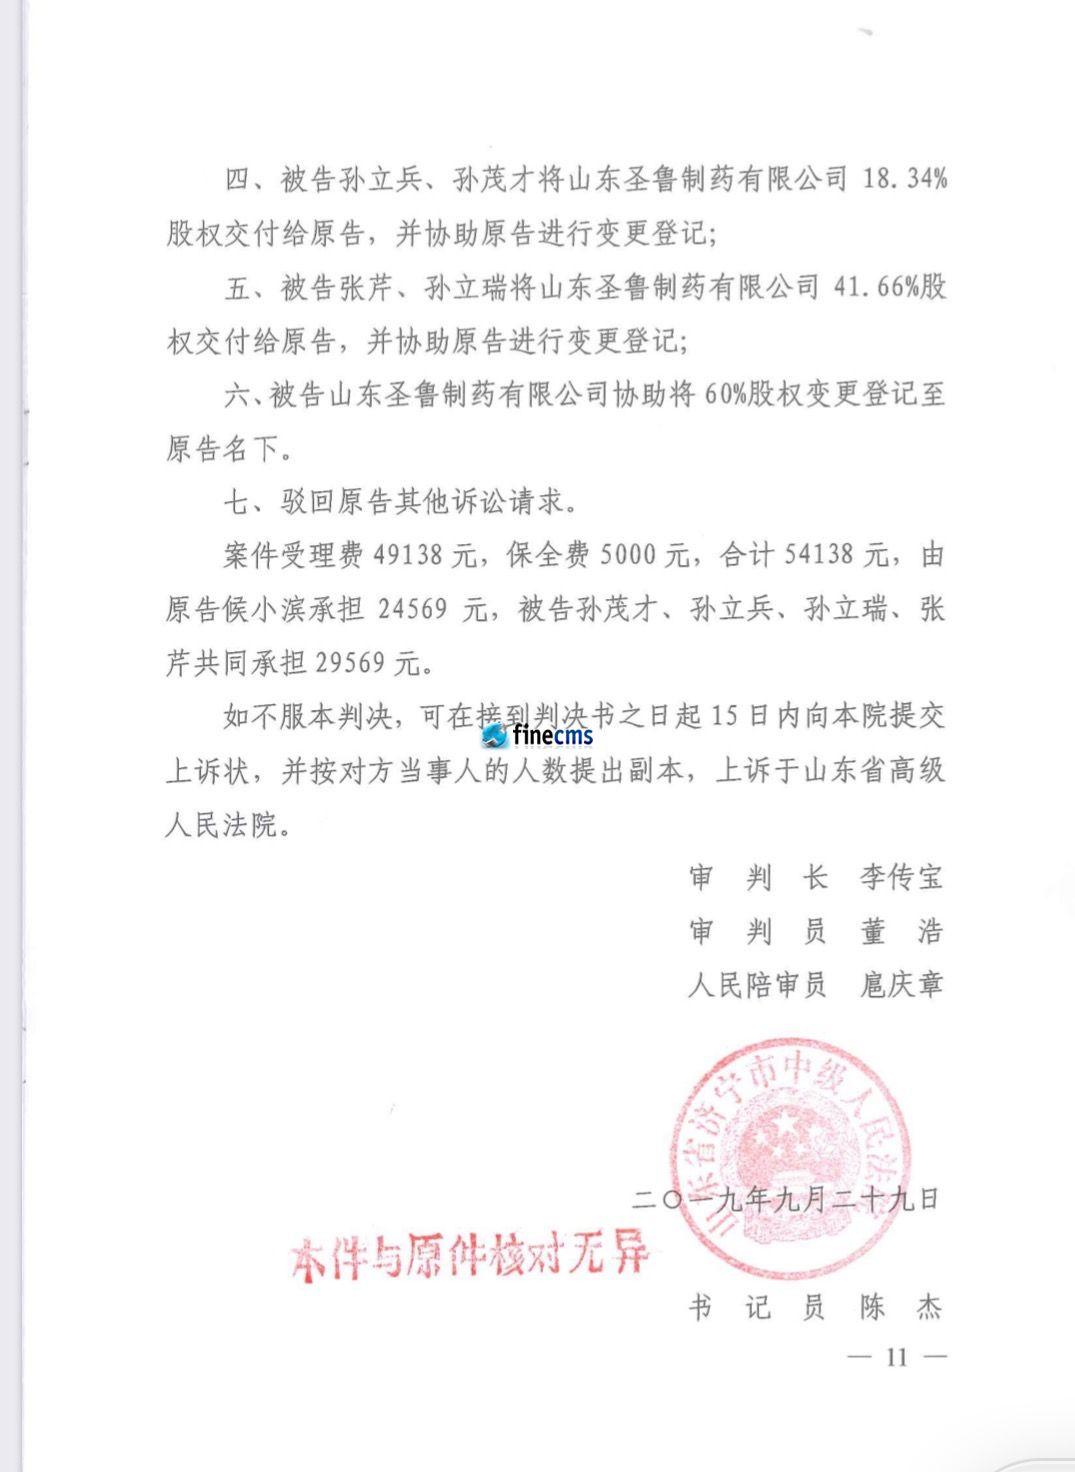 迟来的判決:确认了候小滨享有圣鲁制药的合法权益